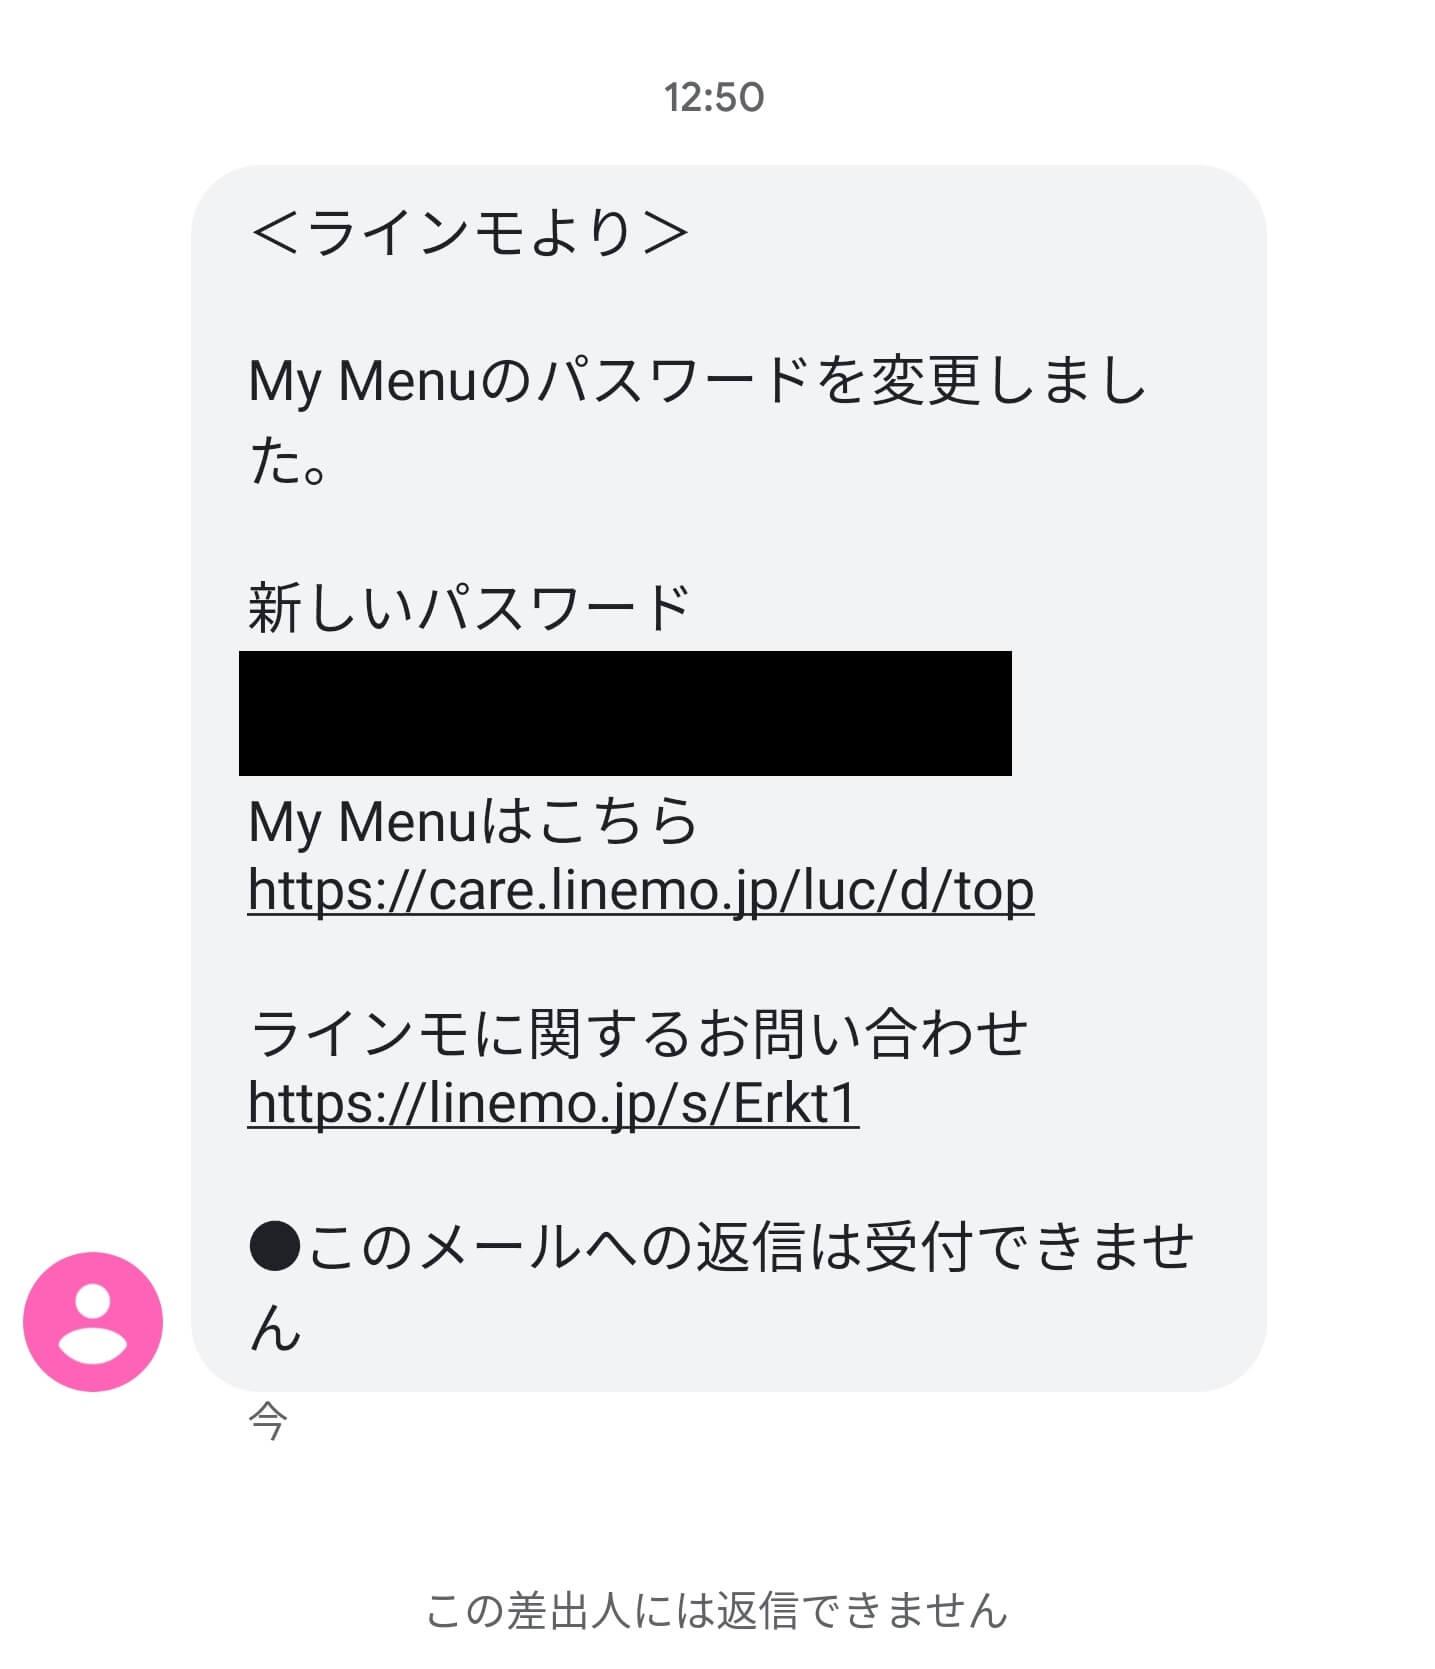 My Menuパスワードの設定